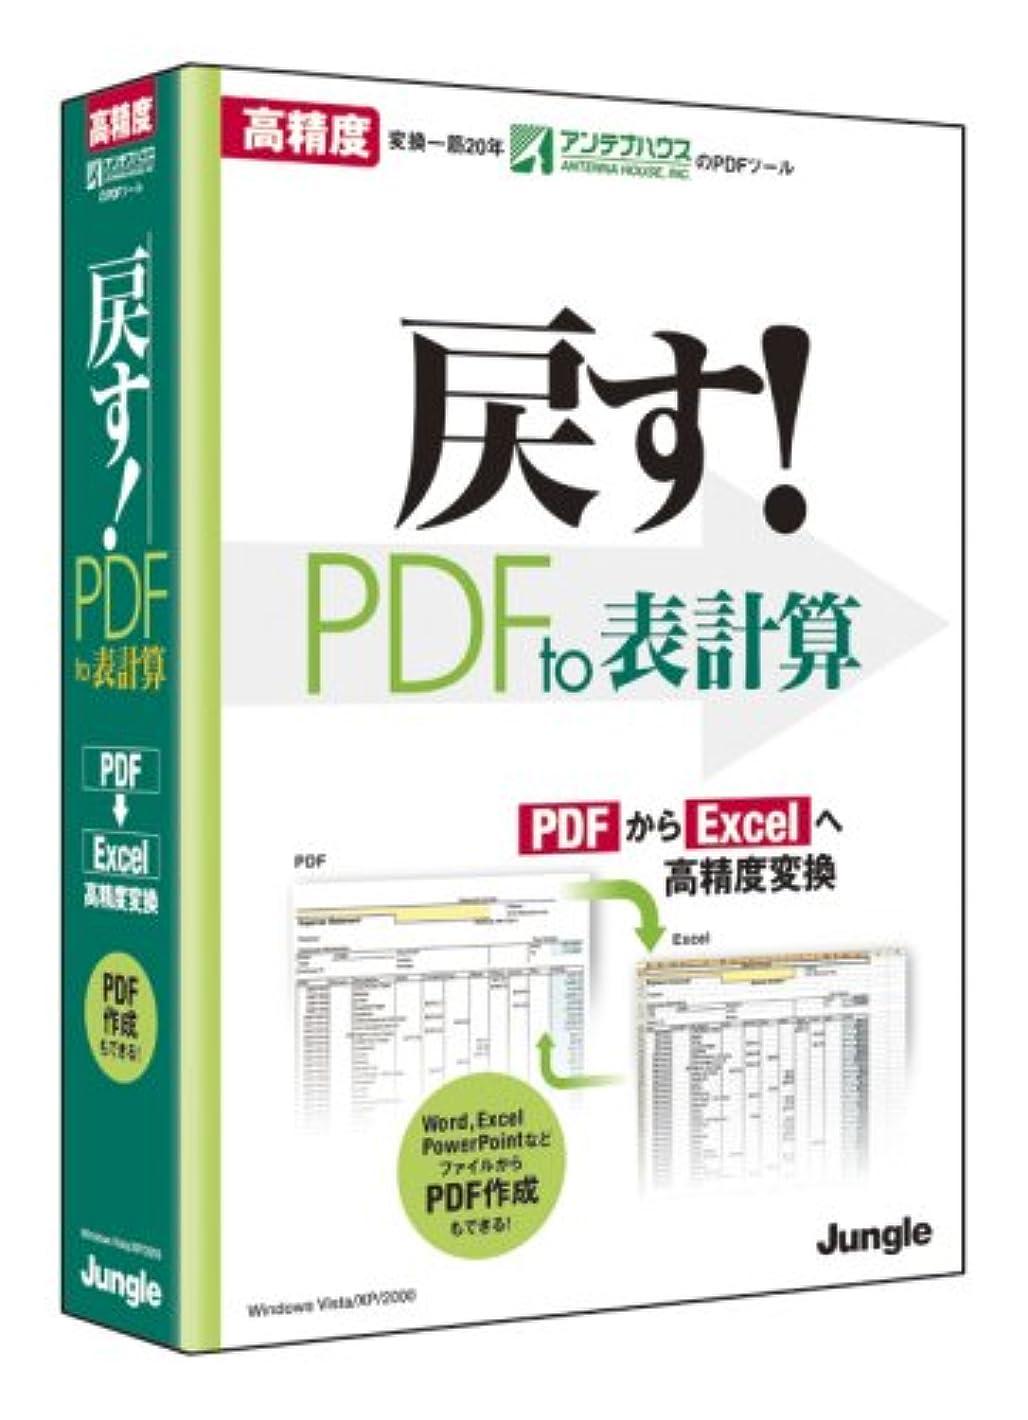 逆説自己尊重解釈戻す!PDF to 表計算